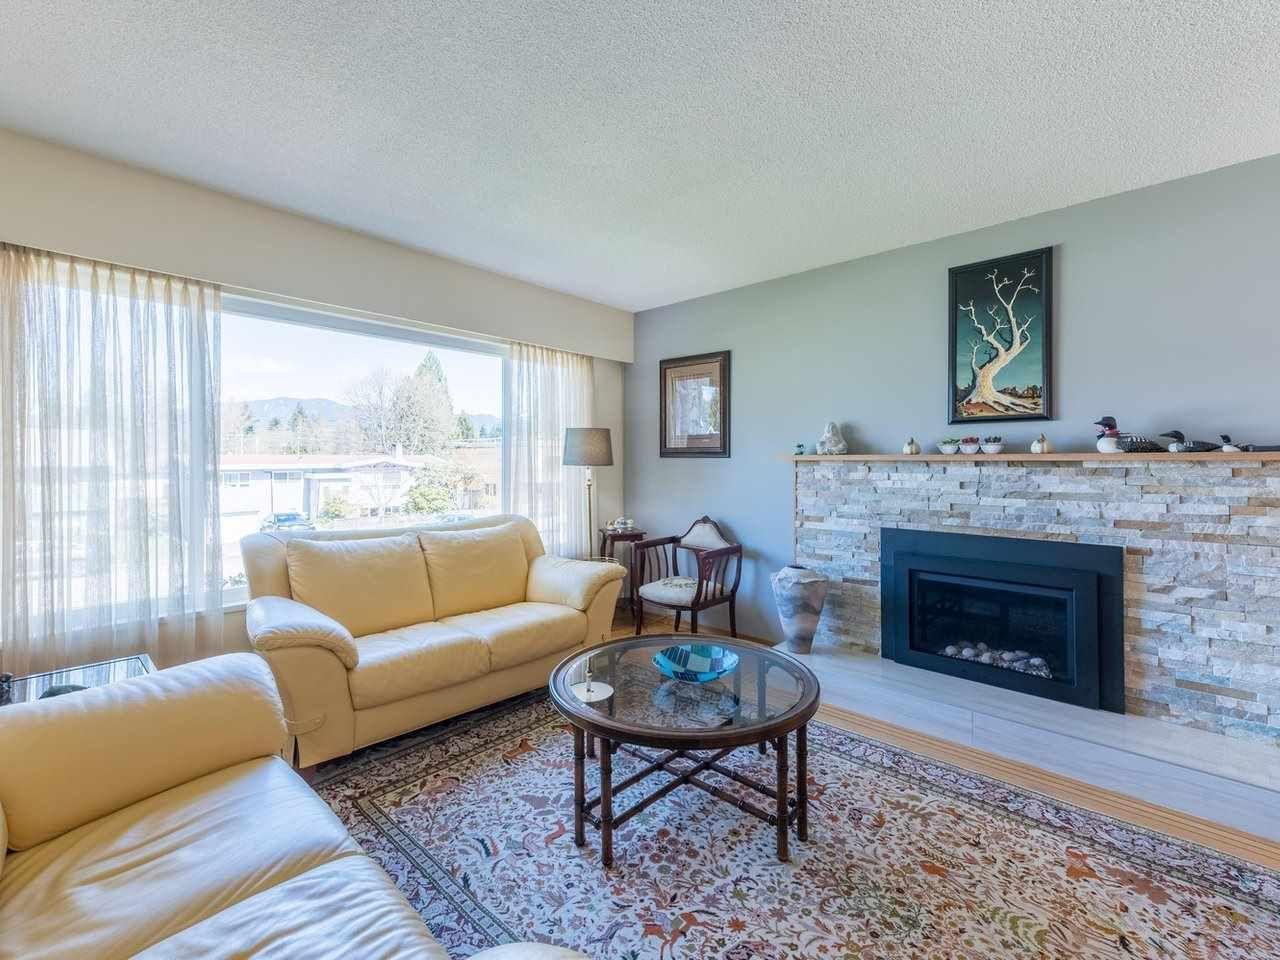 Photo 5: Photos: 808 REGAN Avenue in Coquitlam: Coquitlam West House for sale : MLS®# R2563486